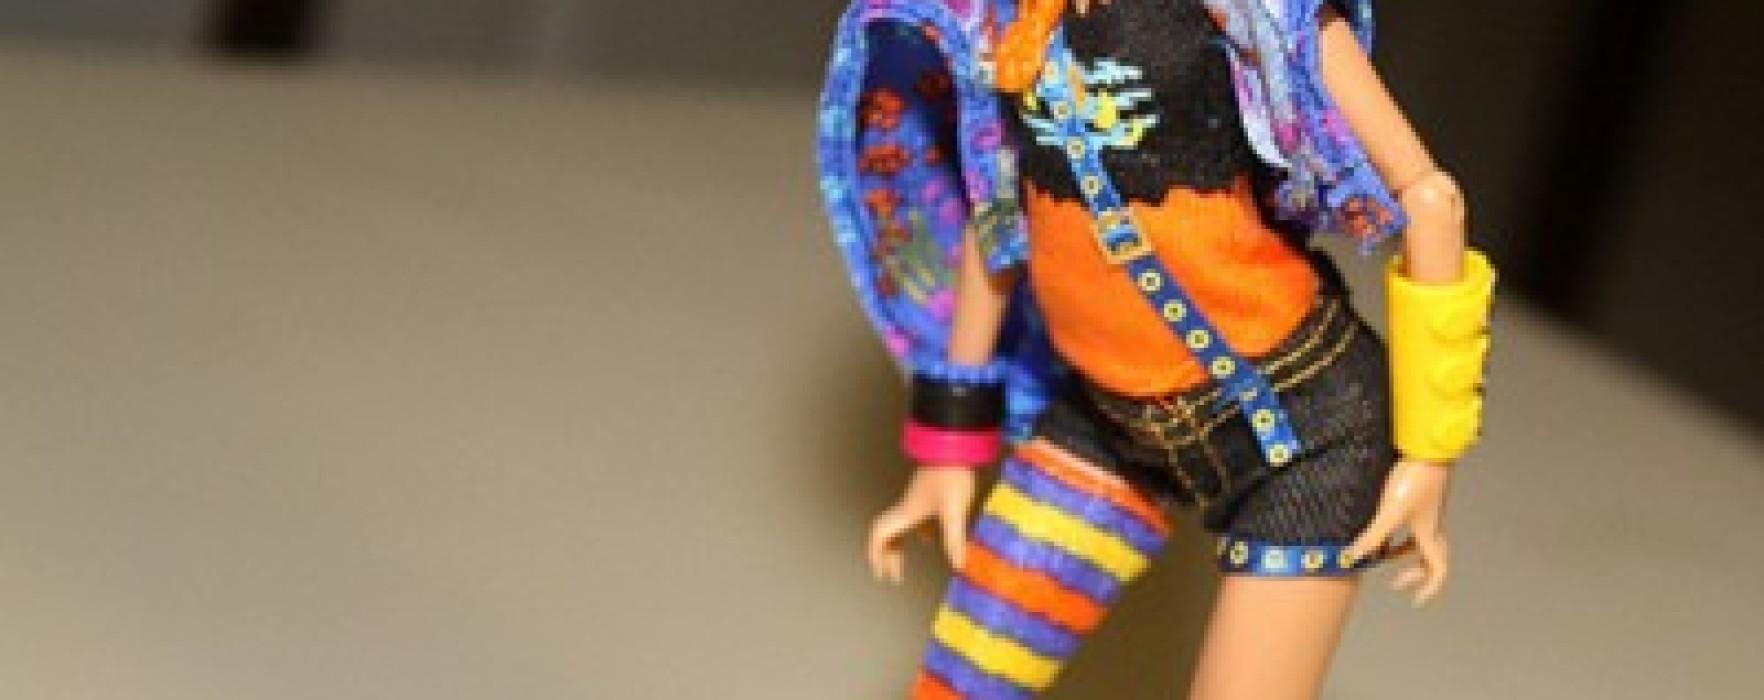 Подходит ли тебе стиль Хоулин? — Тесты Monster High